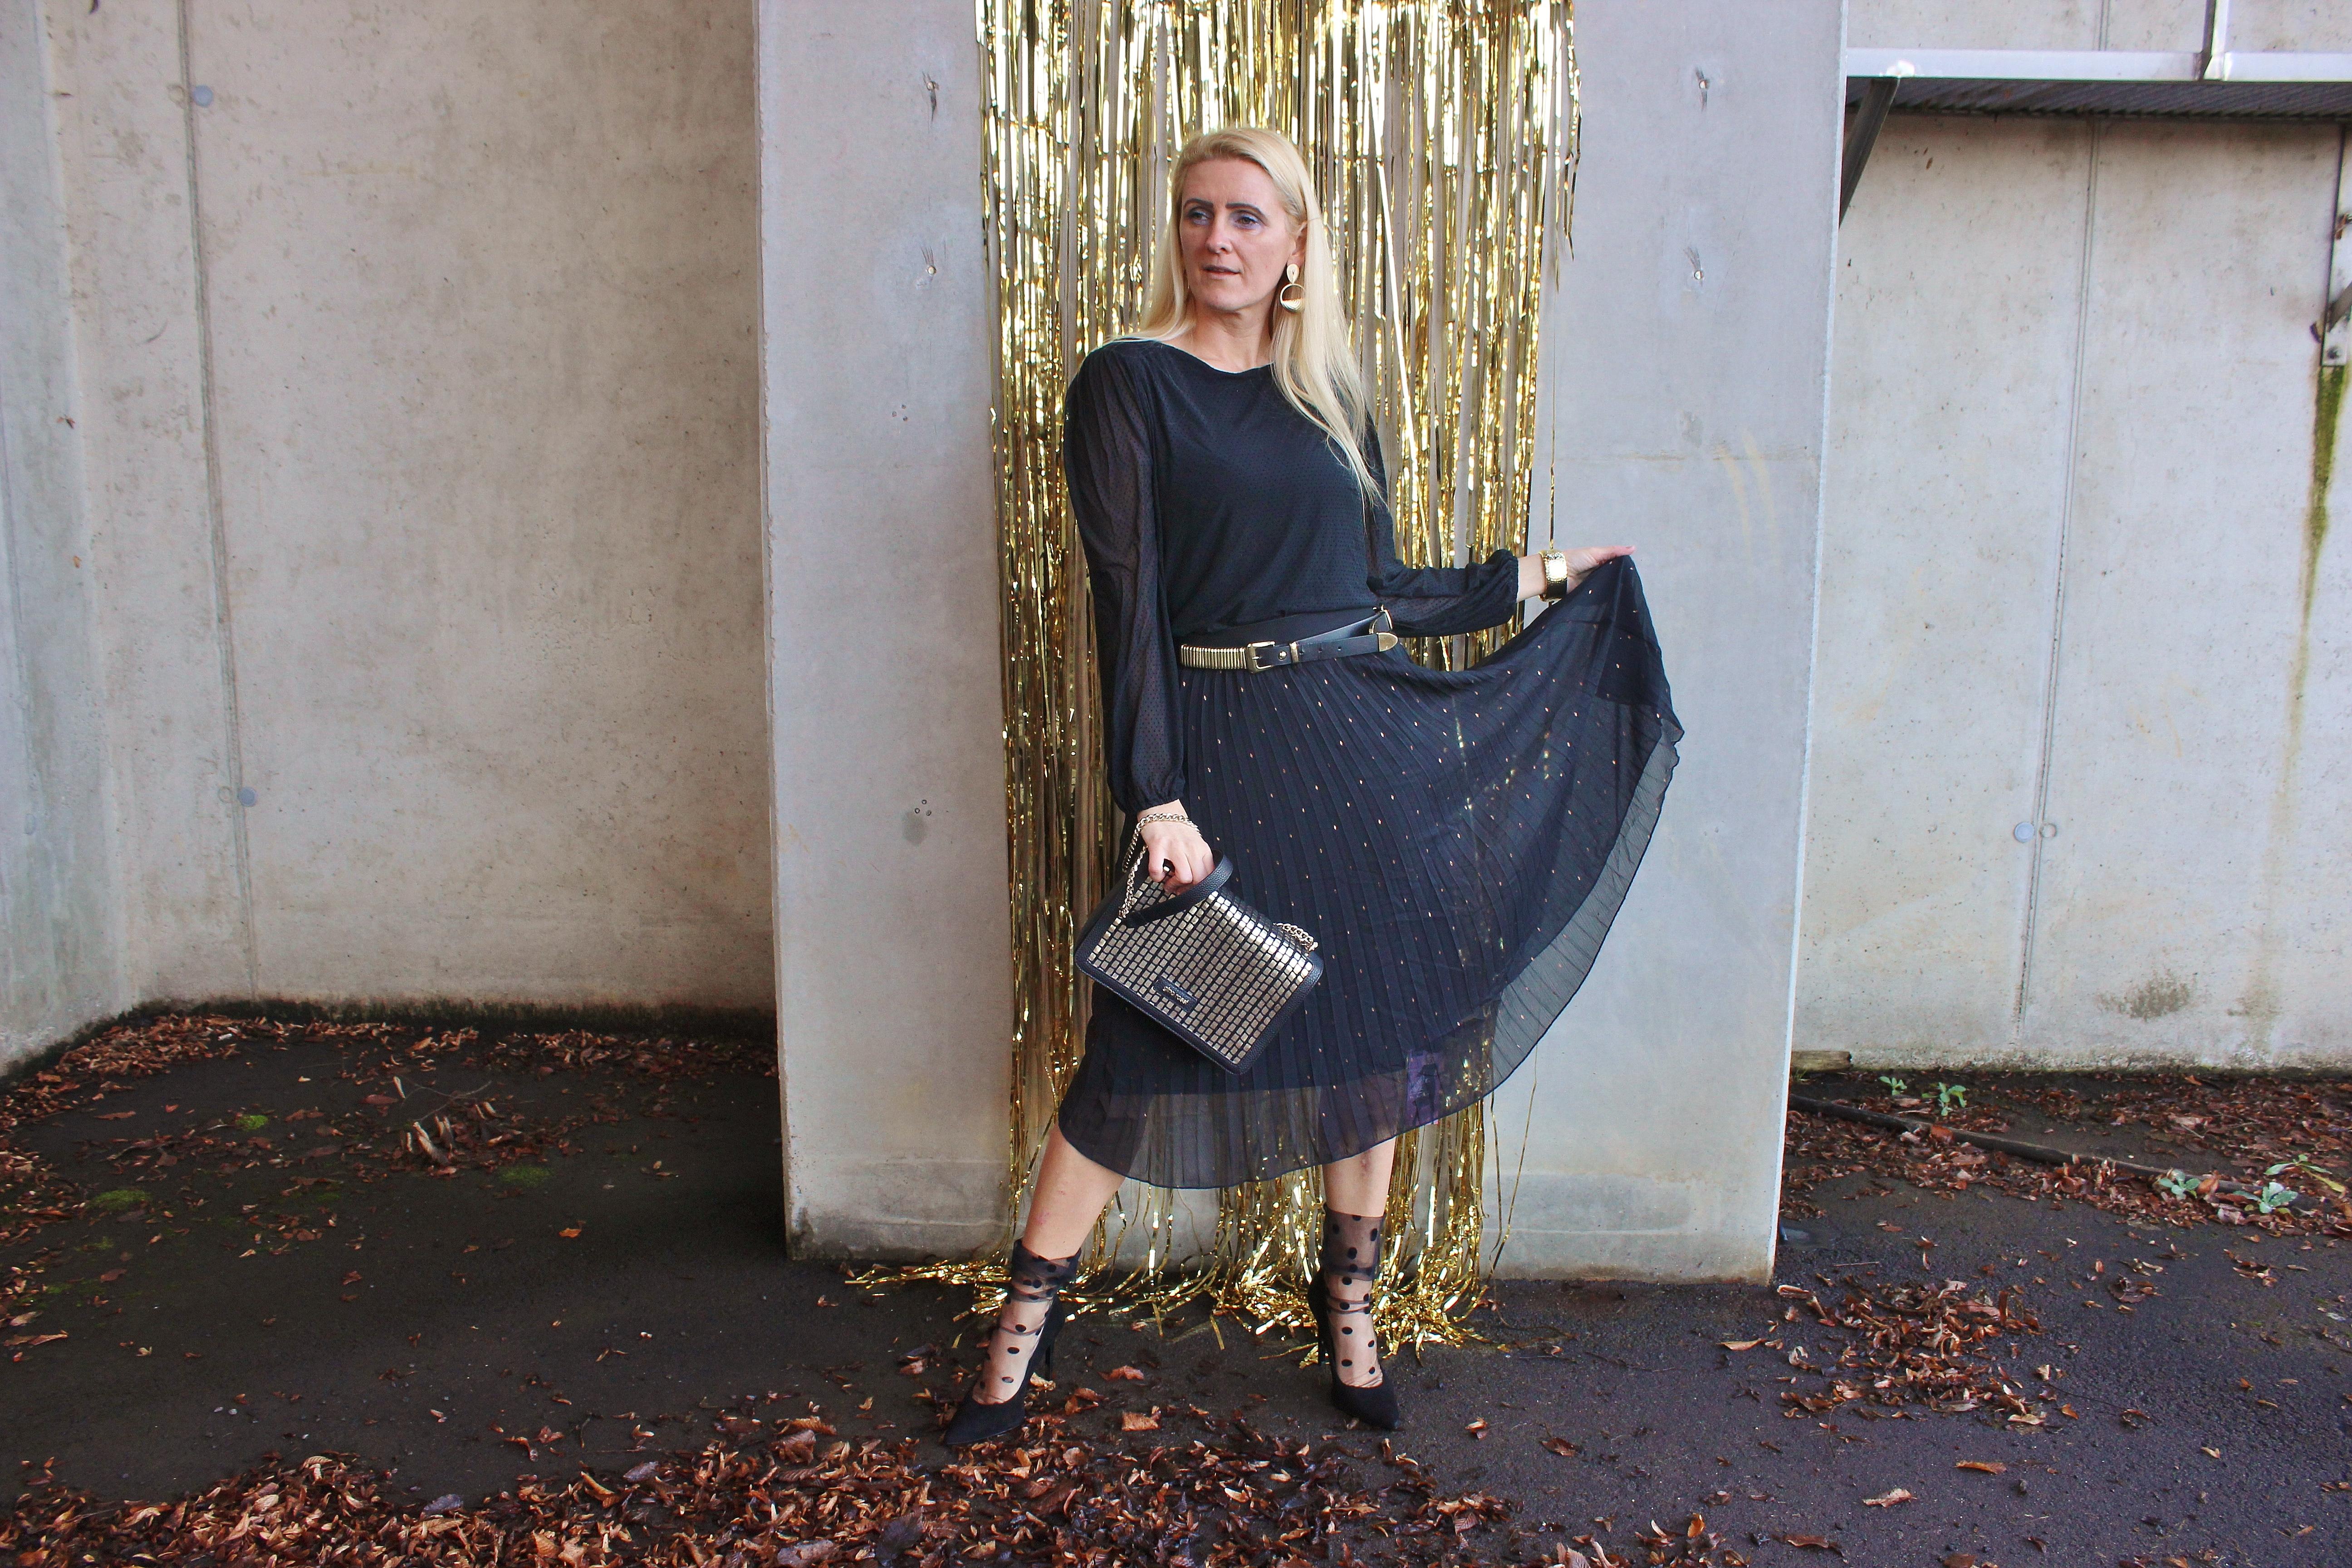 Fashion Fürs Fest-Tchibo Weihnachten-Eduscho Weihnachtskollektion-carrieslifestyle-Tamara Prutsch